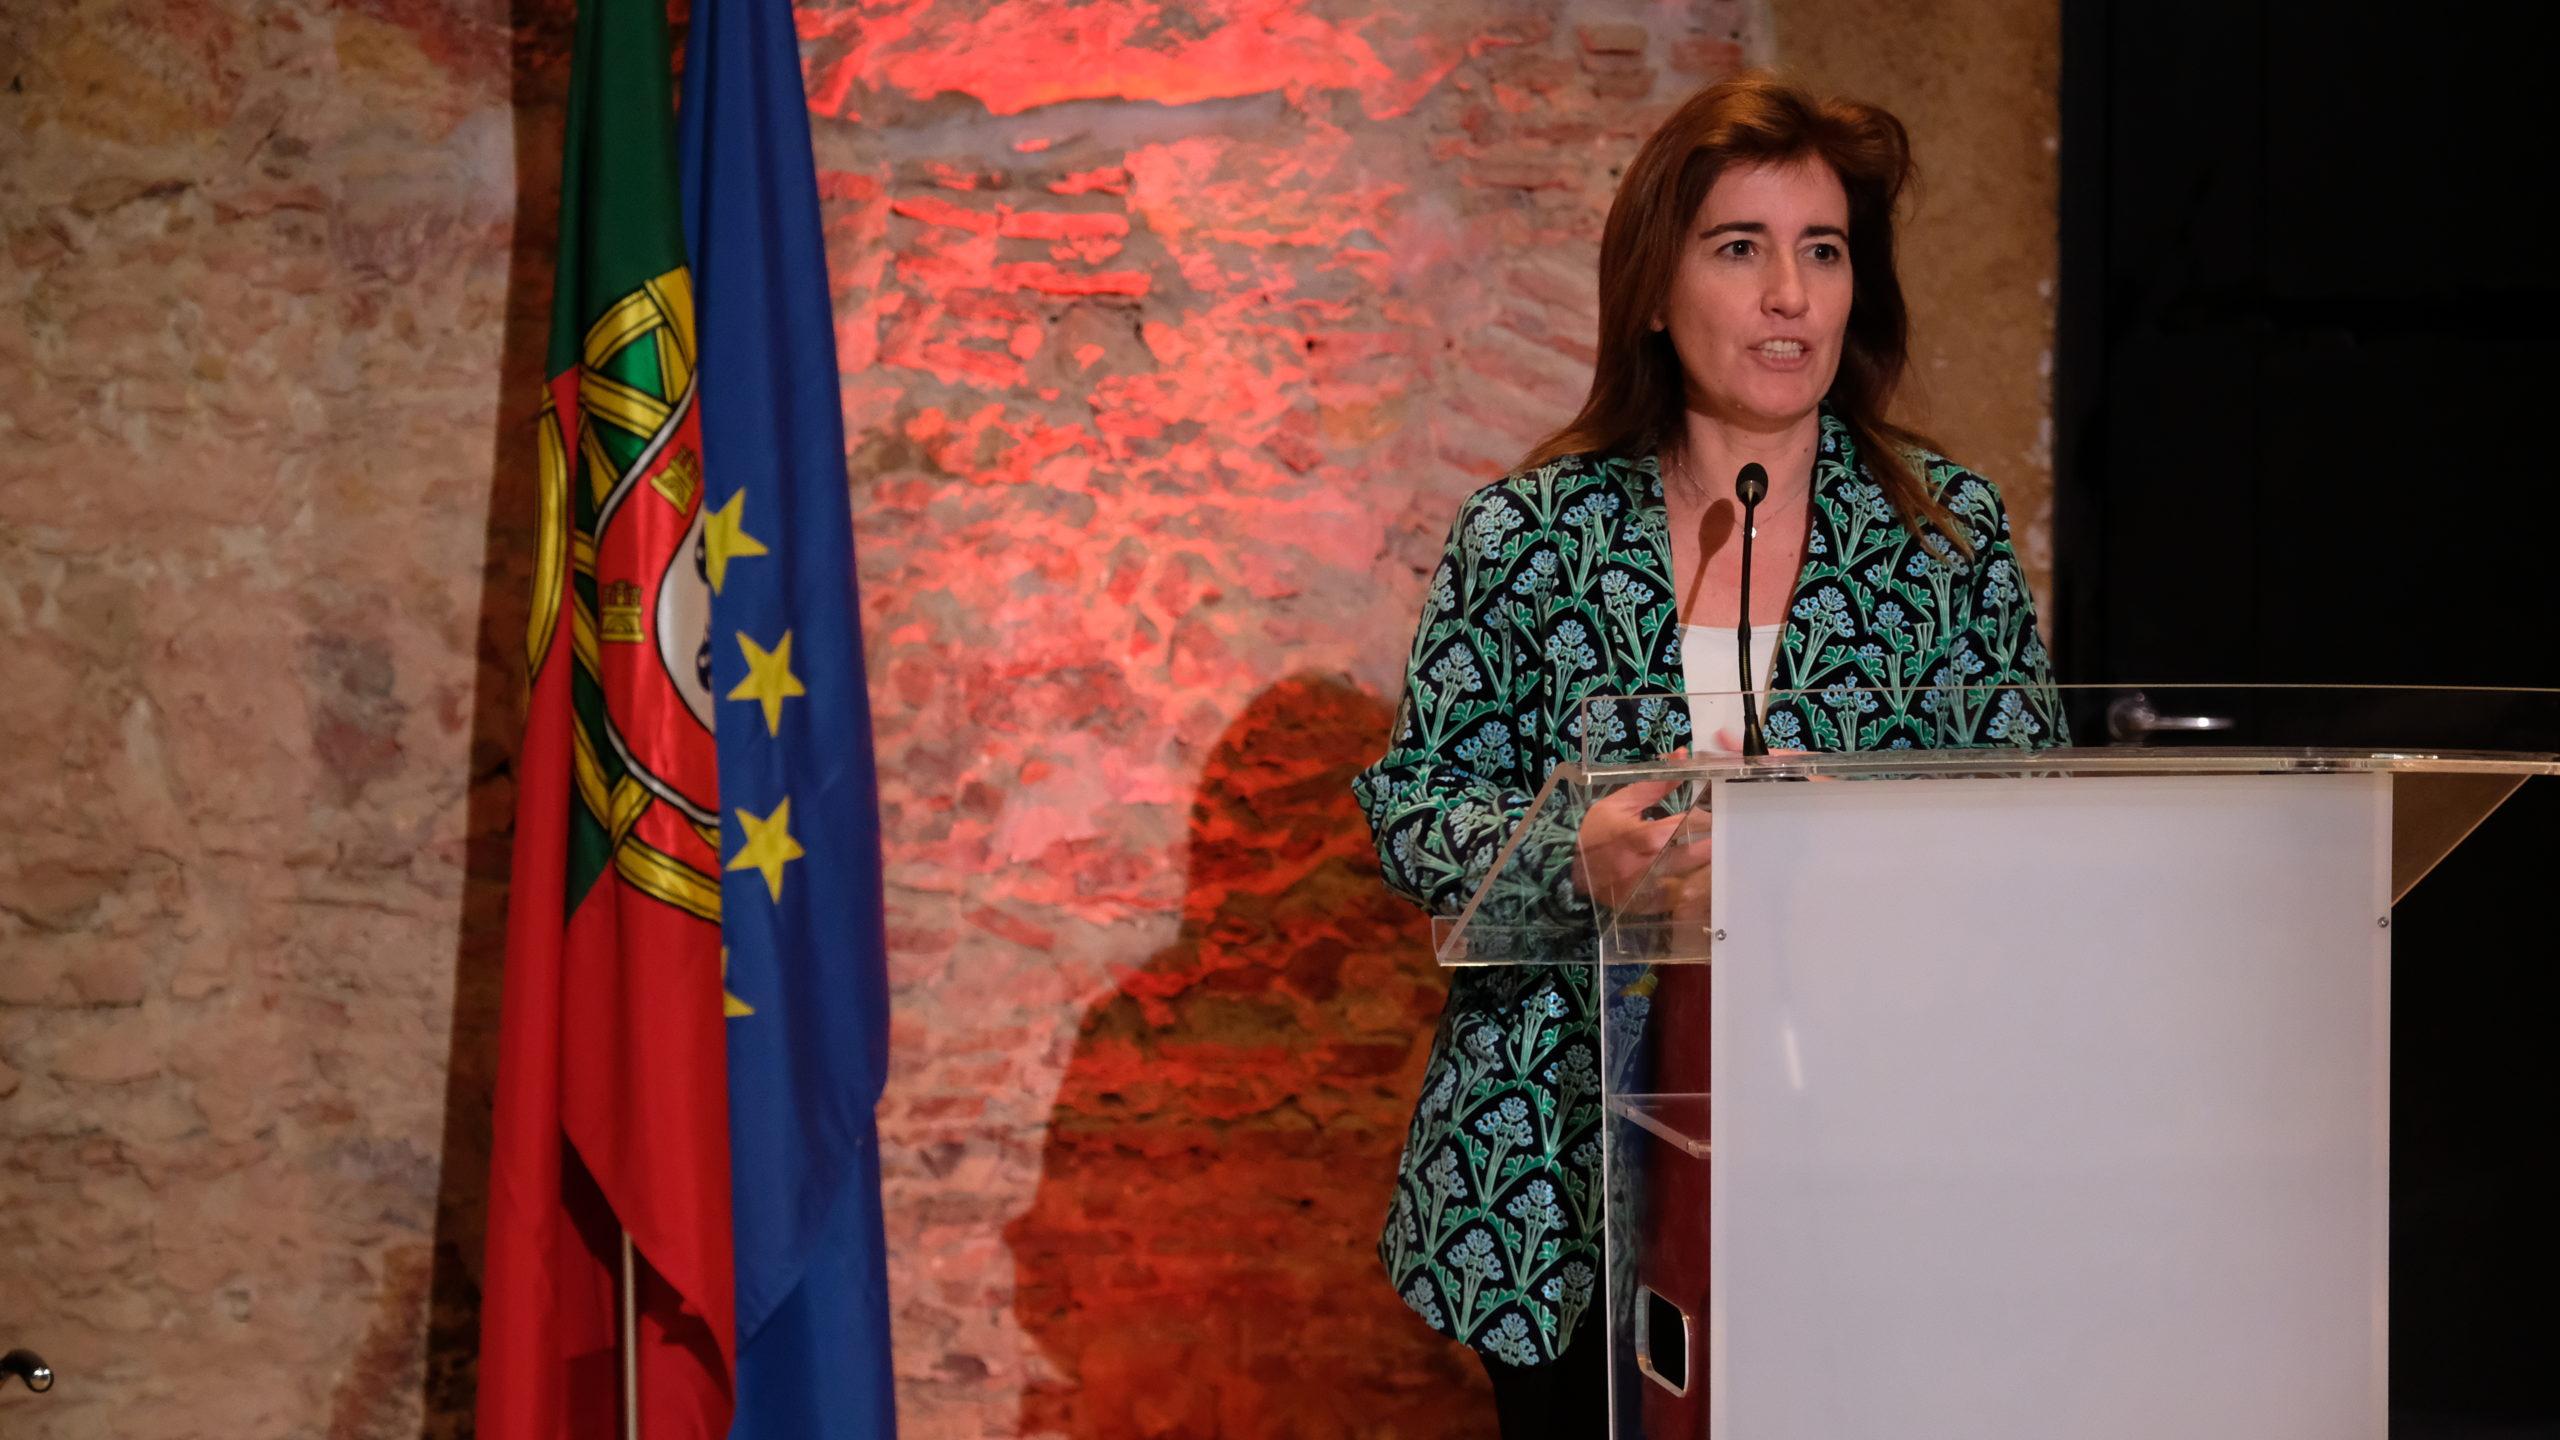 Portugal e Espanha comprometidos trabalhadores transfronteiriços, garante ministra do Trabalho em Valença